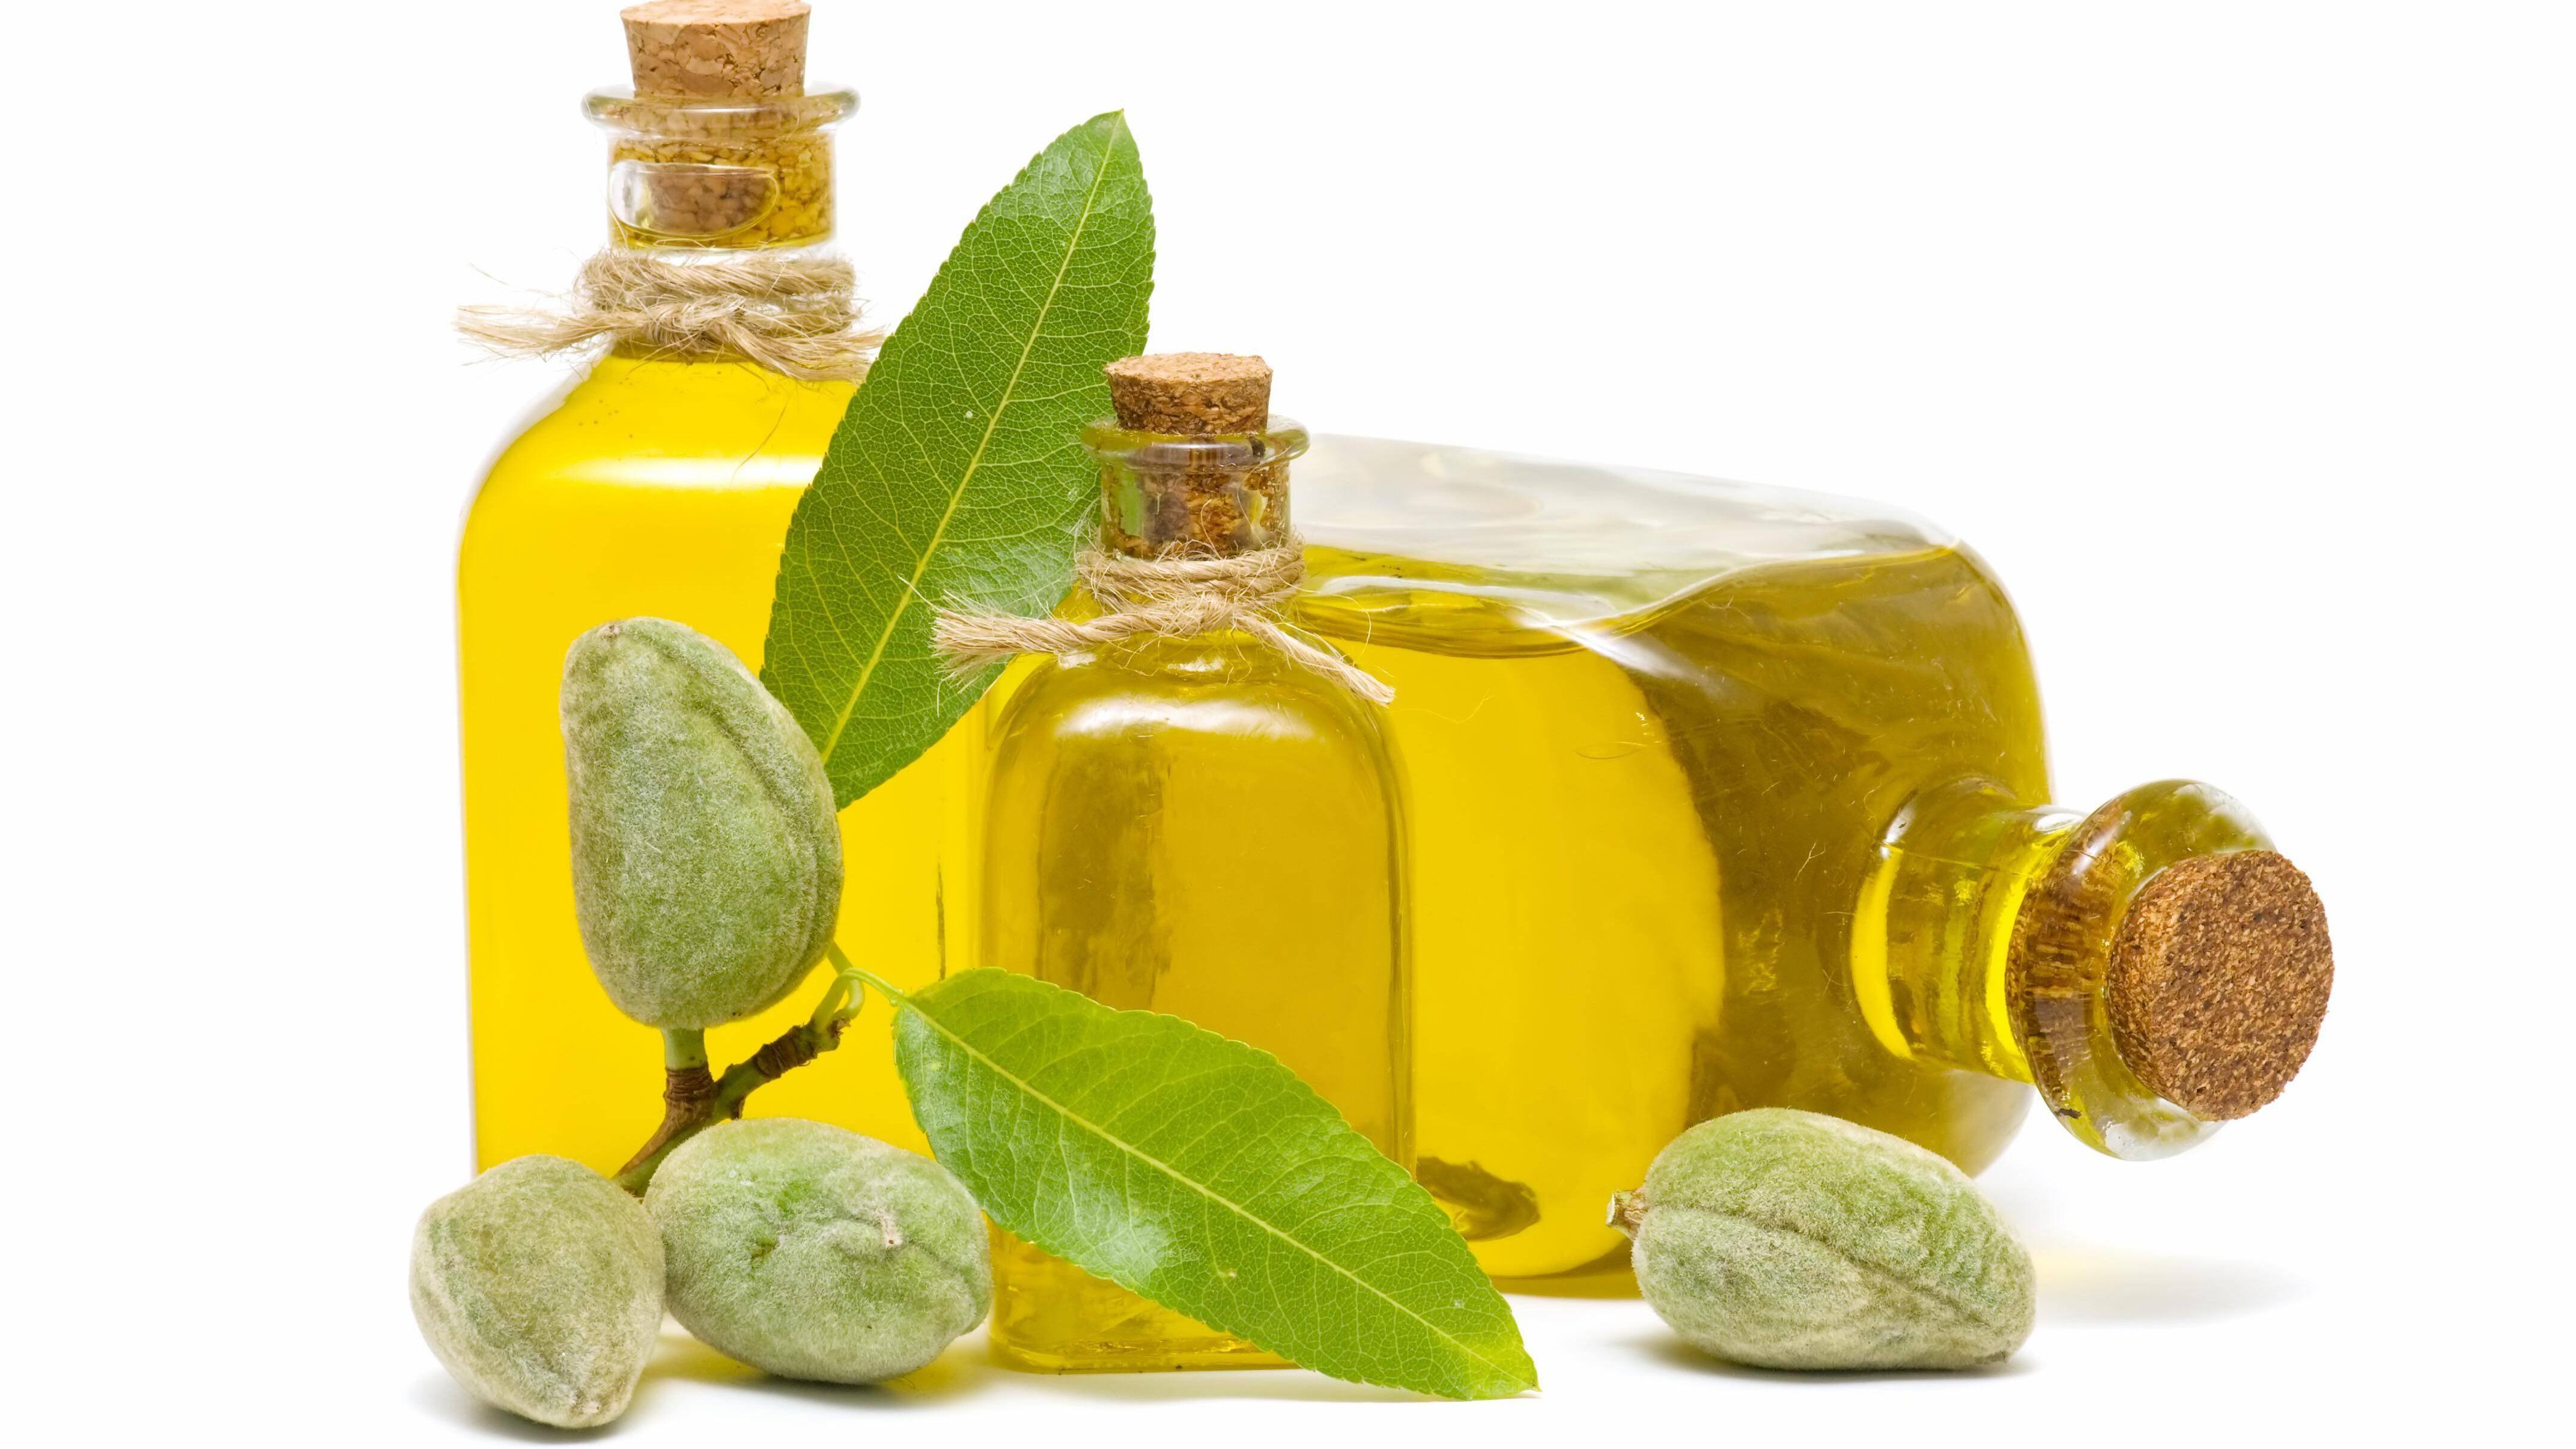 Mandelöl eignet sich hervorragend für eine Massage gegen Rückenschmerzen.